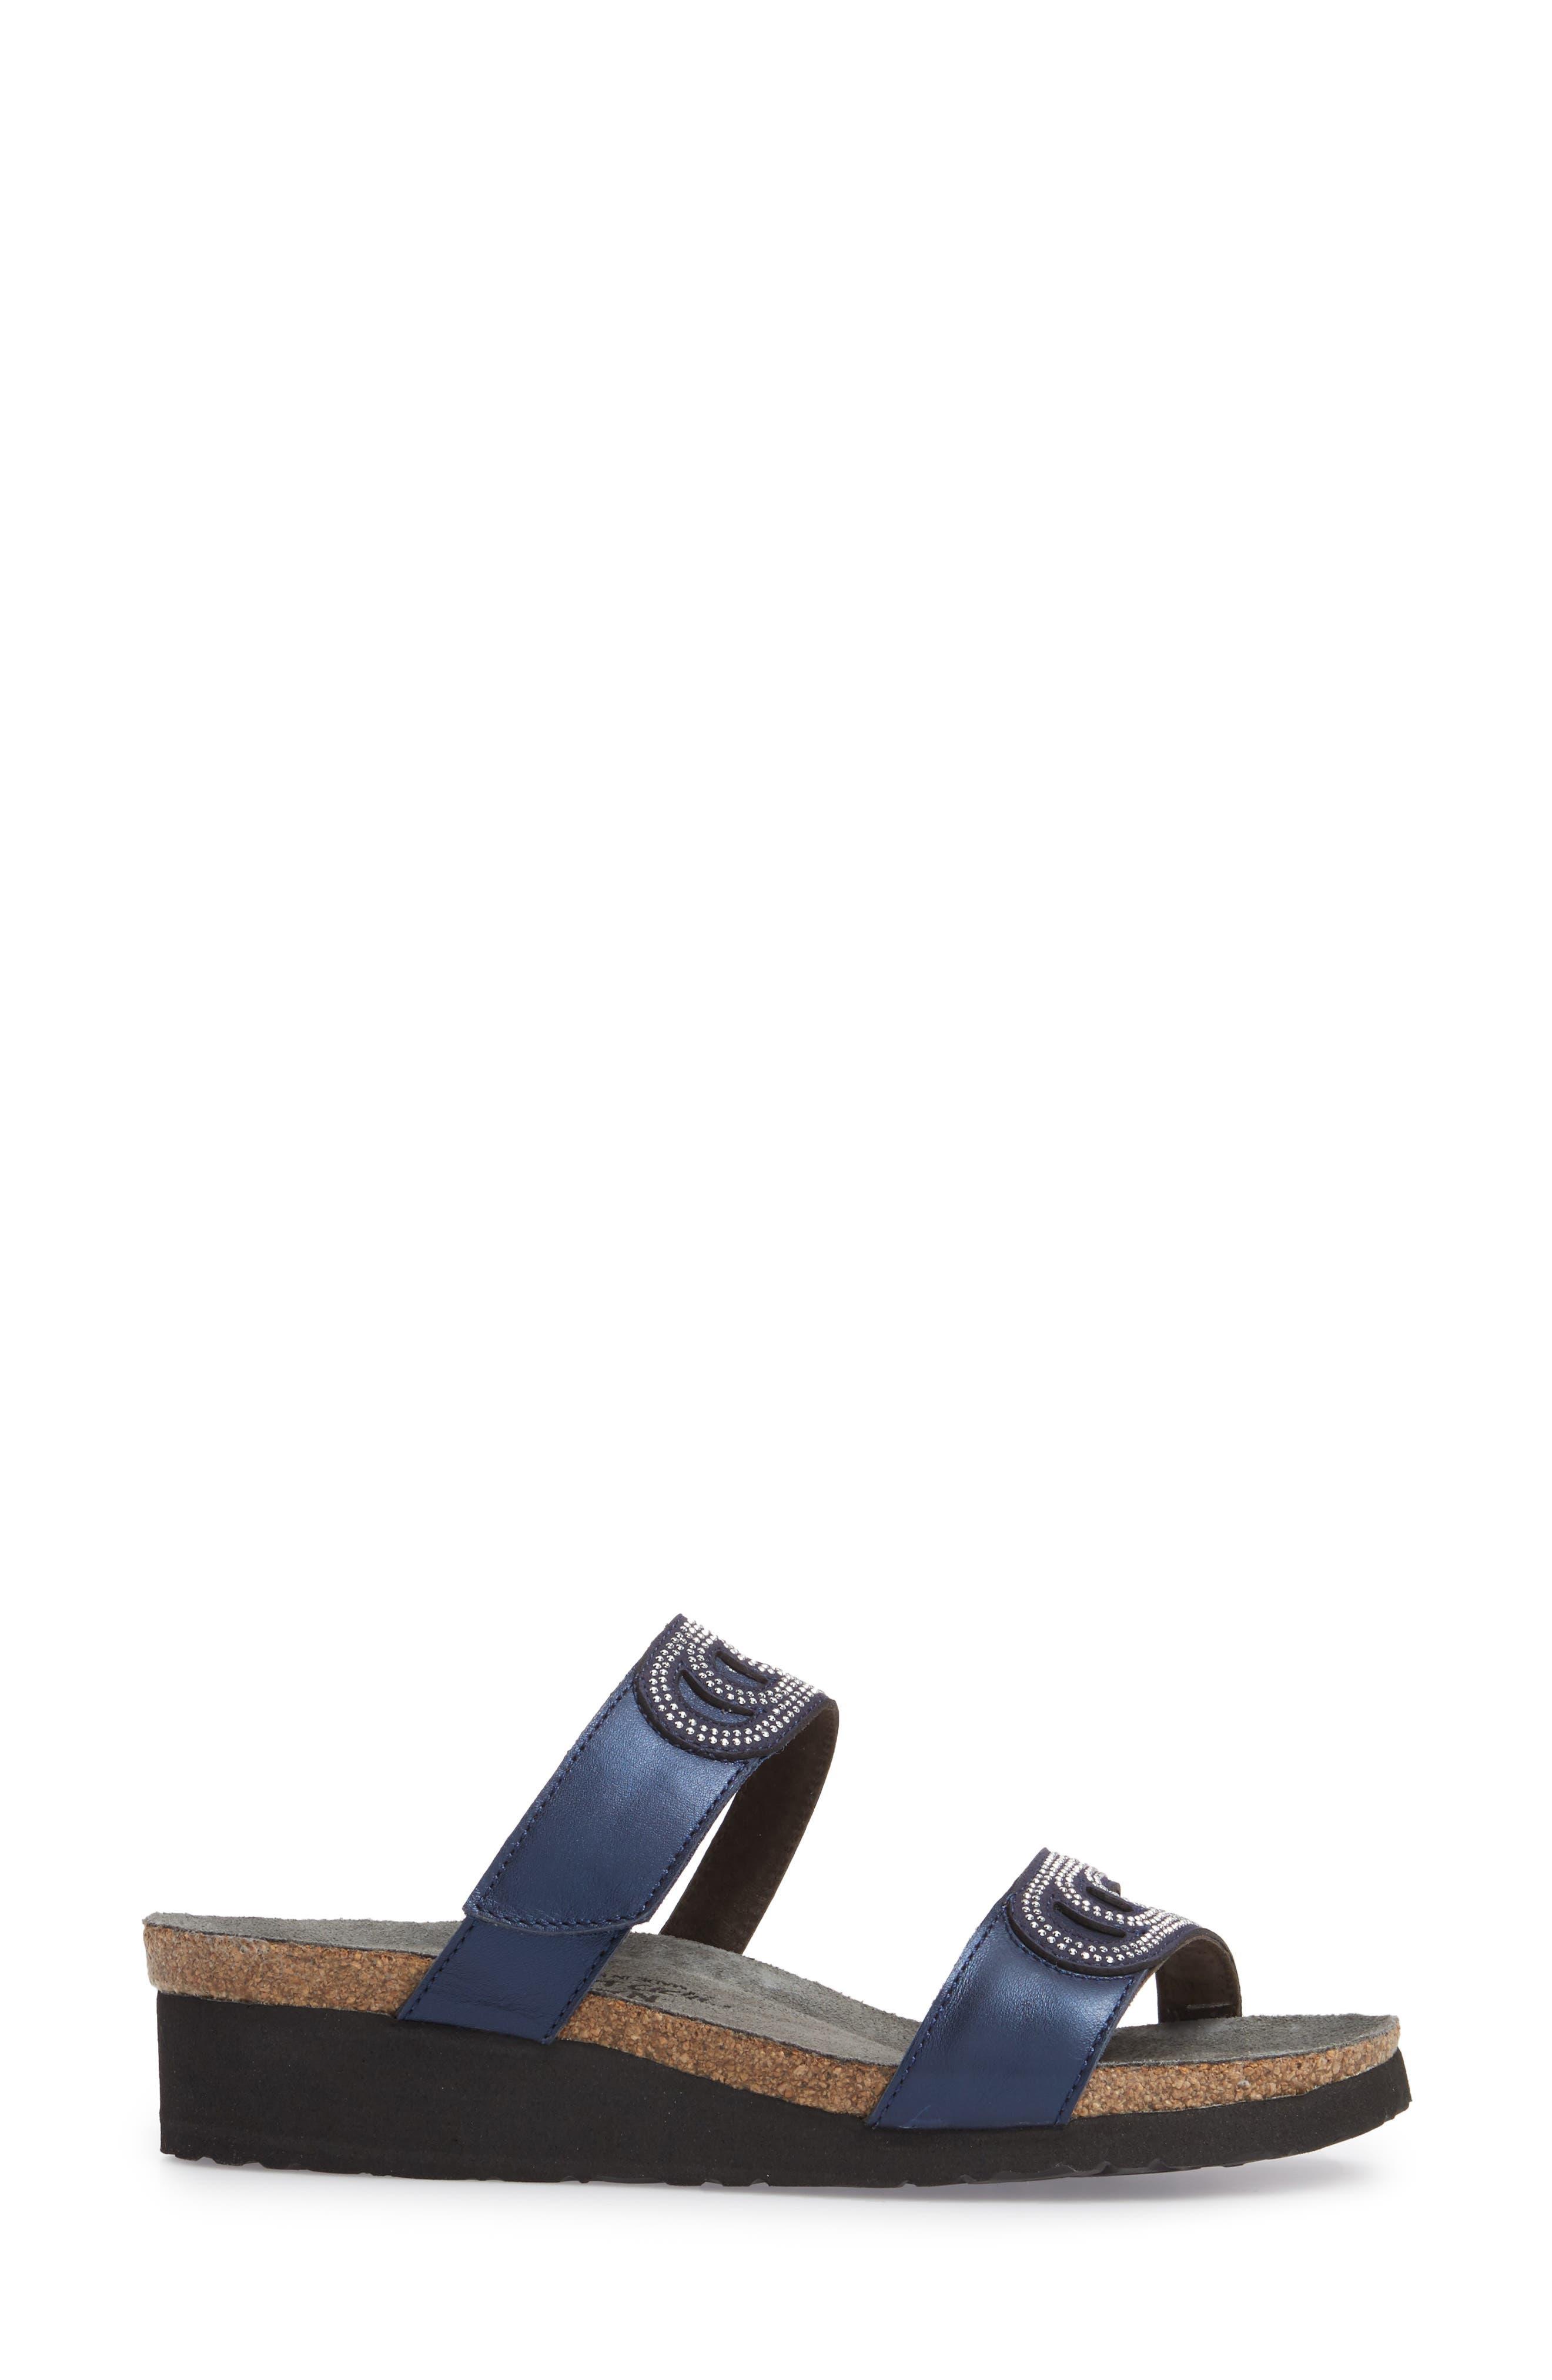 Ainsley Studded Slide Sandal,                             Alternate thumbnail 3, color,                             Polar Nubuck